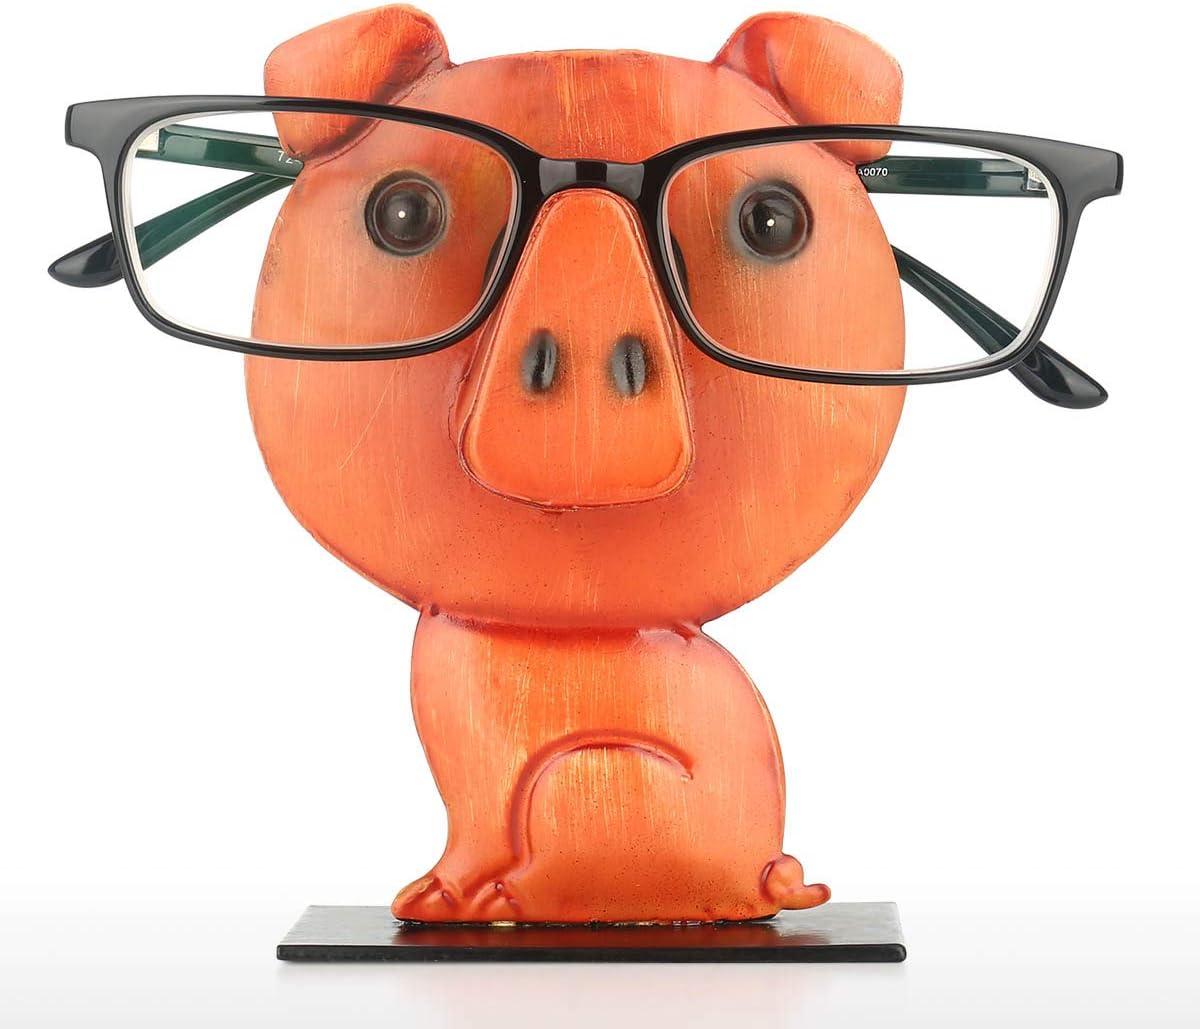 Brillenhalter Tierf/örmige Brillenst/änder Fesjoy Tooart Schweinf/örmige Brillengestell